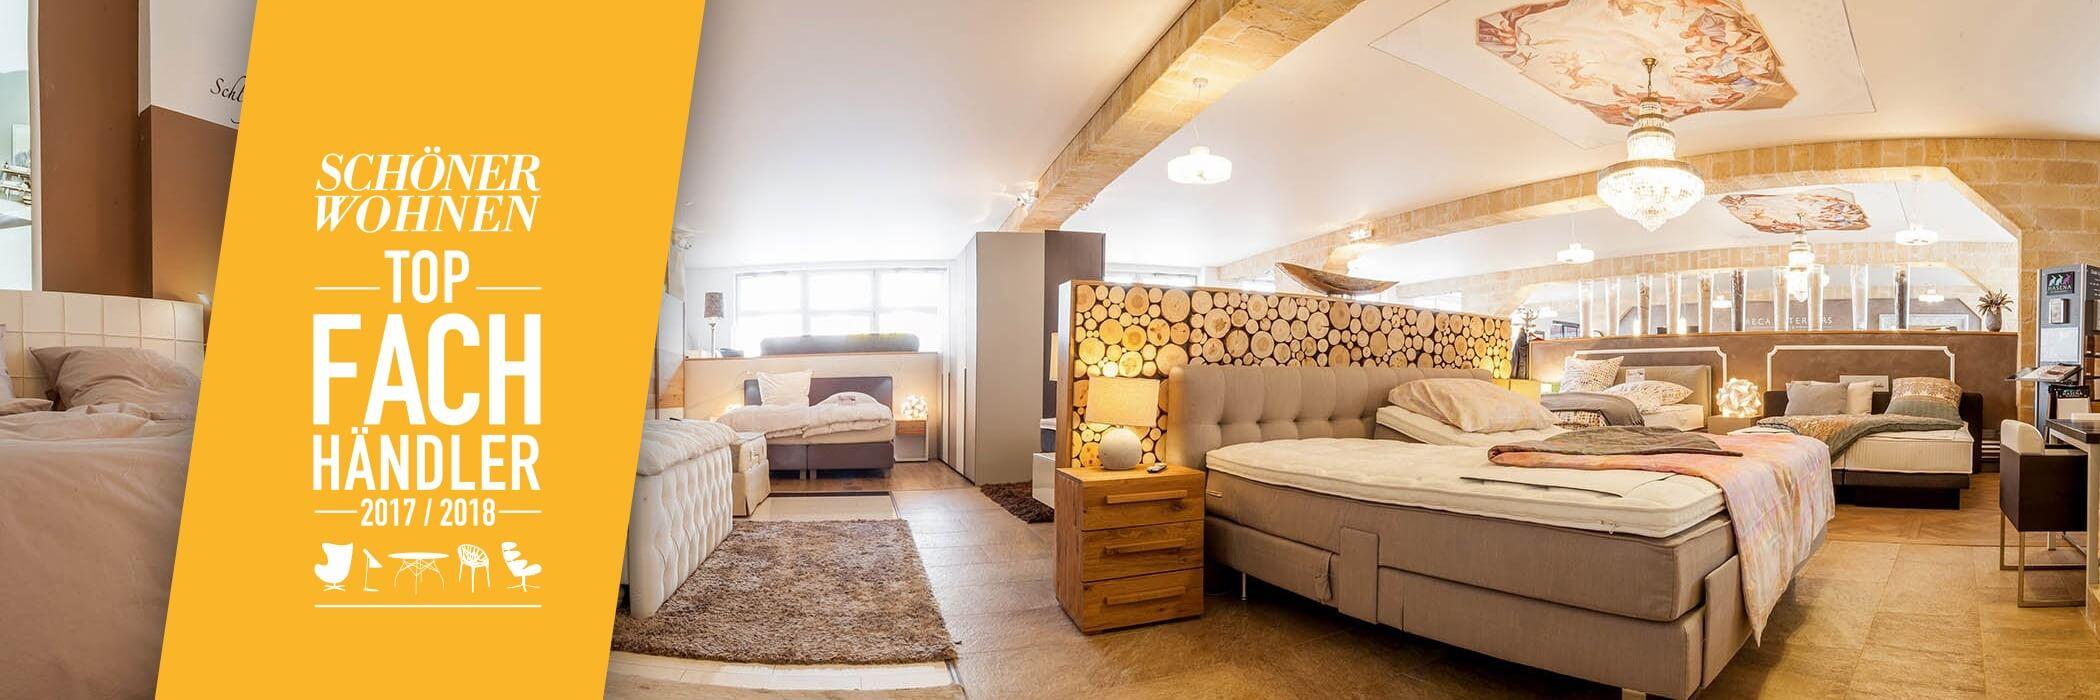 Sleeping Art Bettenfachgeschäft Bonn